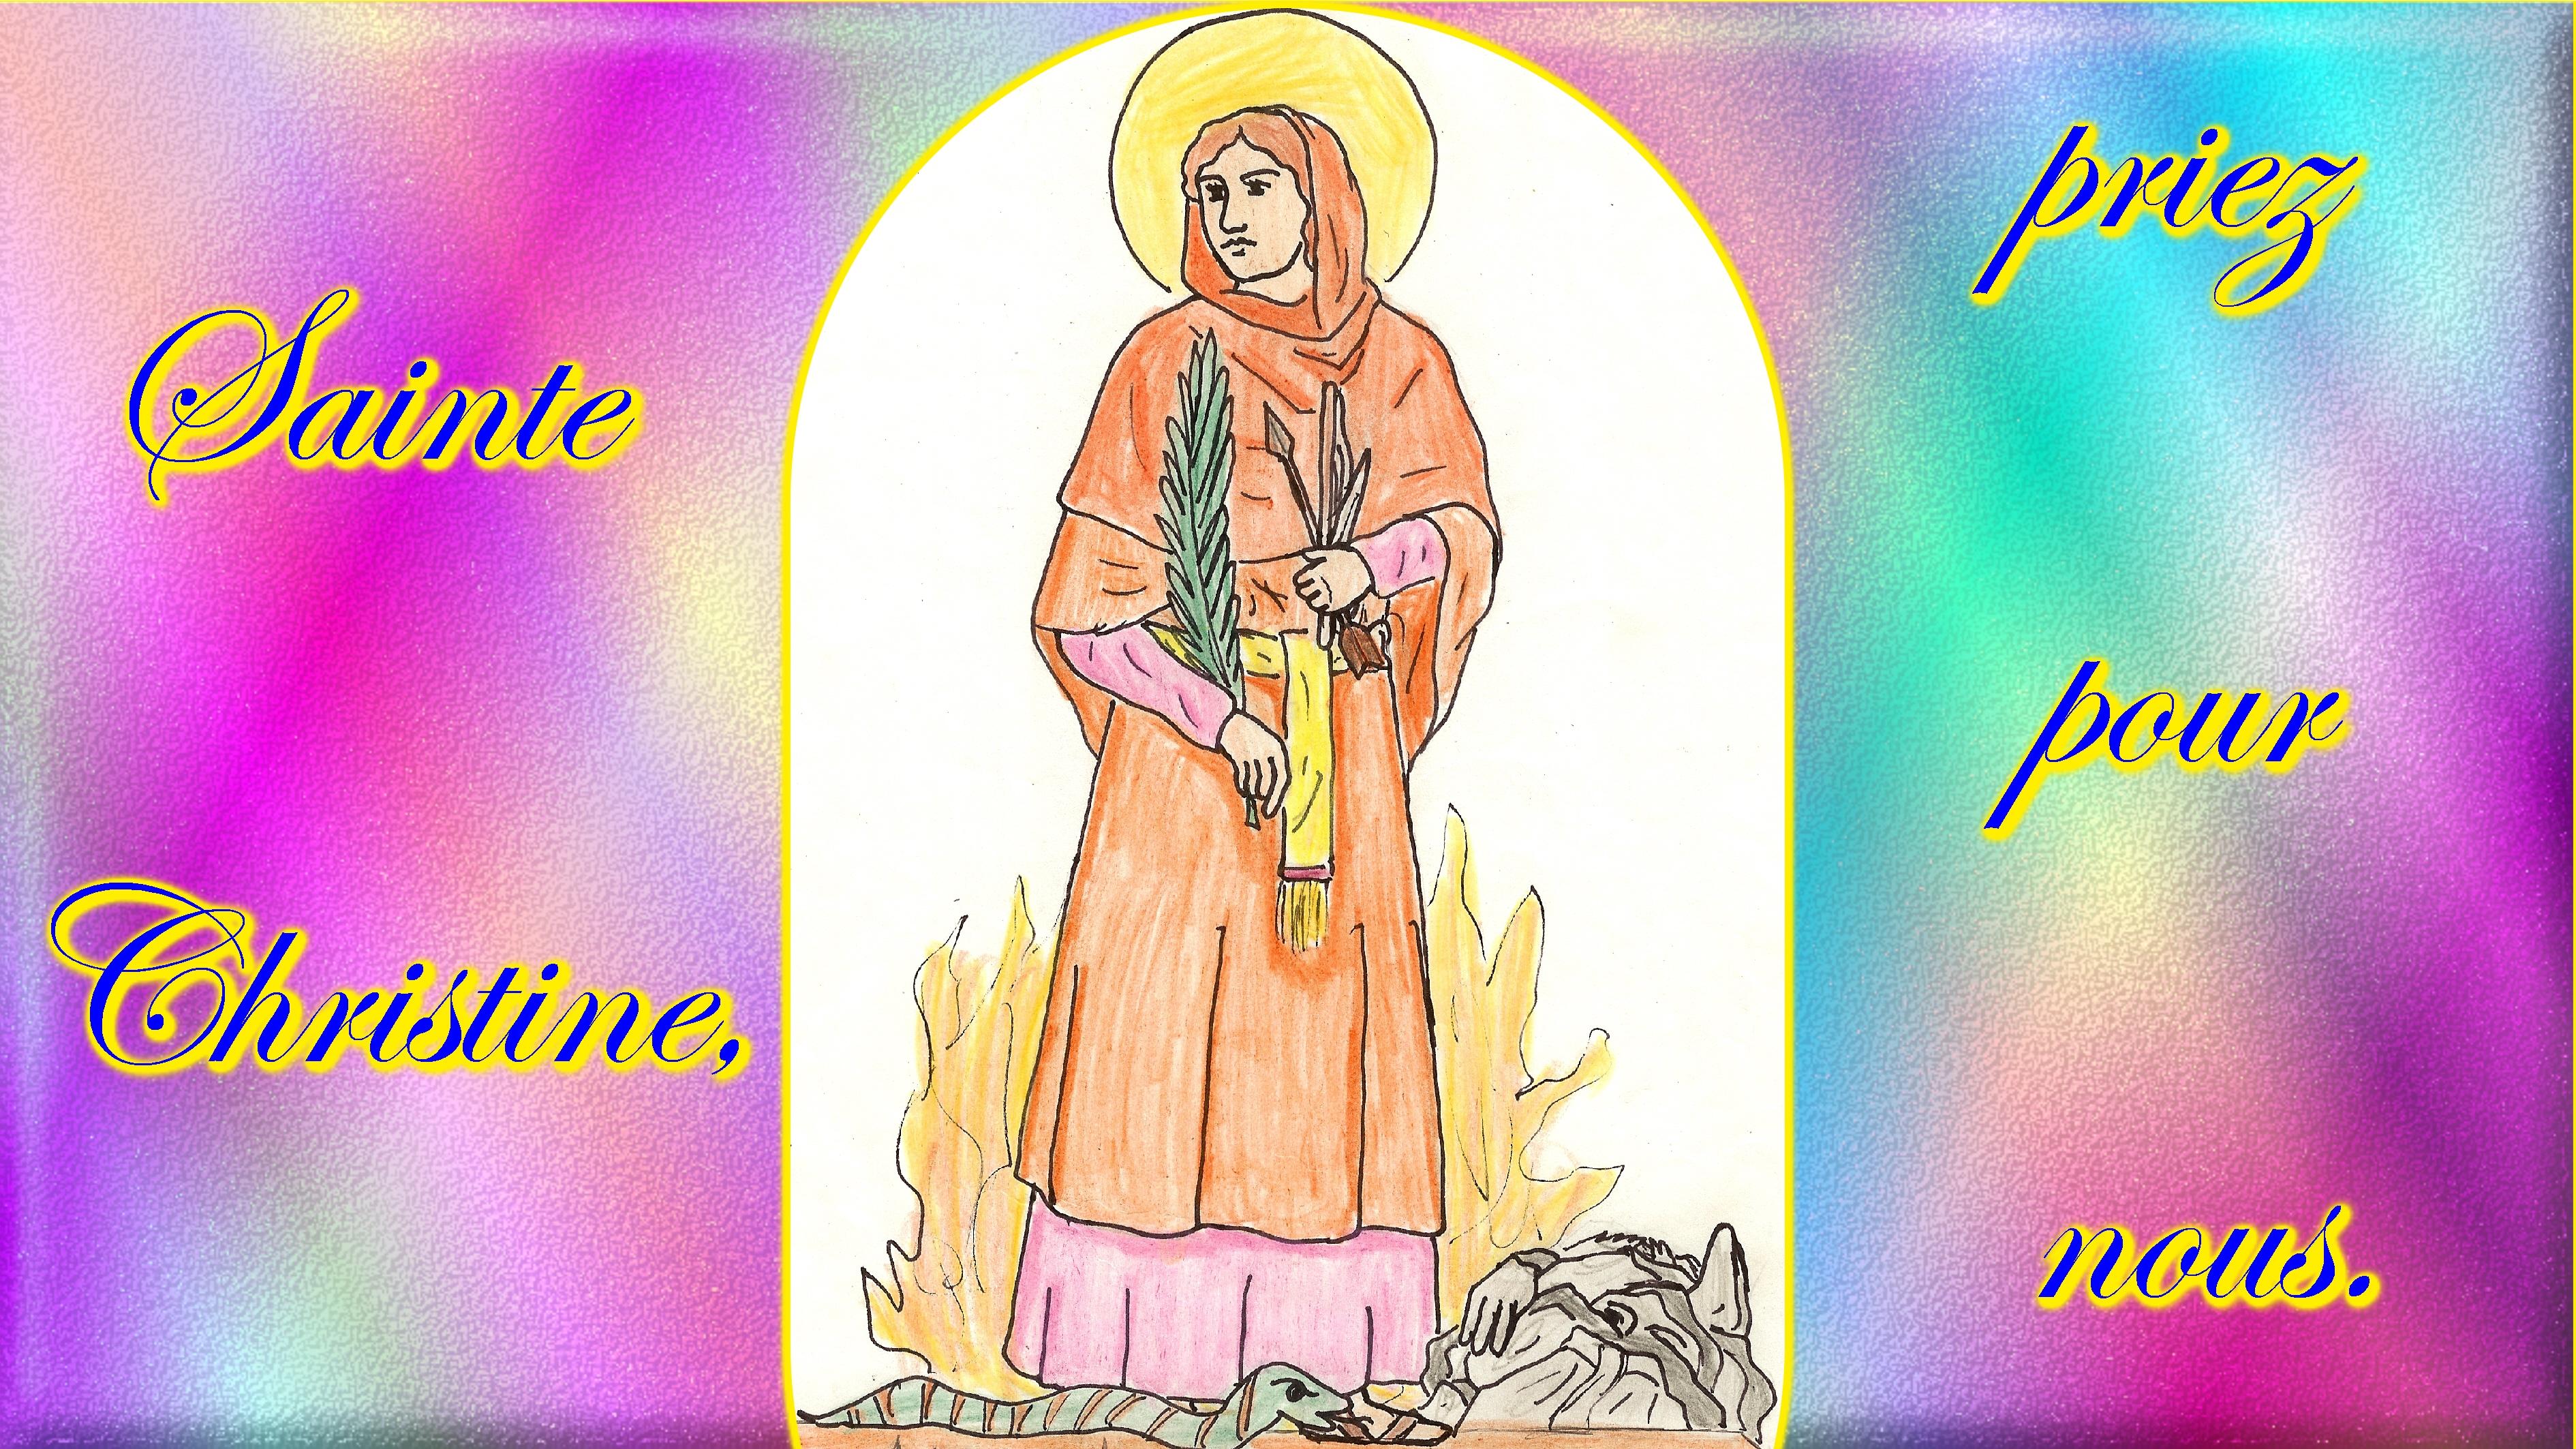 CALENDRIER CATHOLIQUE 2020 (Cantiques, Prières & Images) - Page 21 Ste-christine-579448b